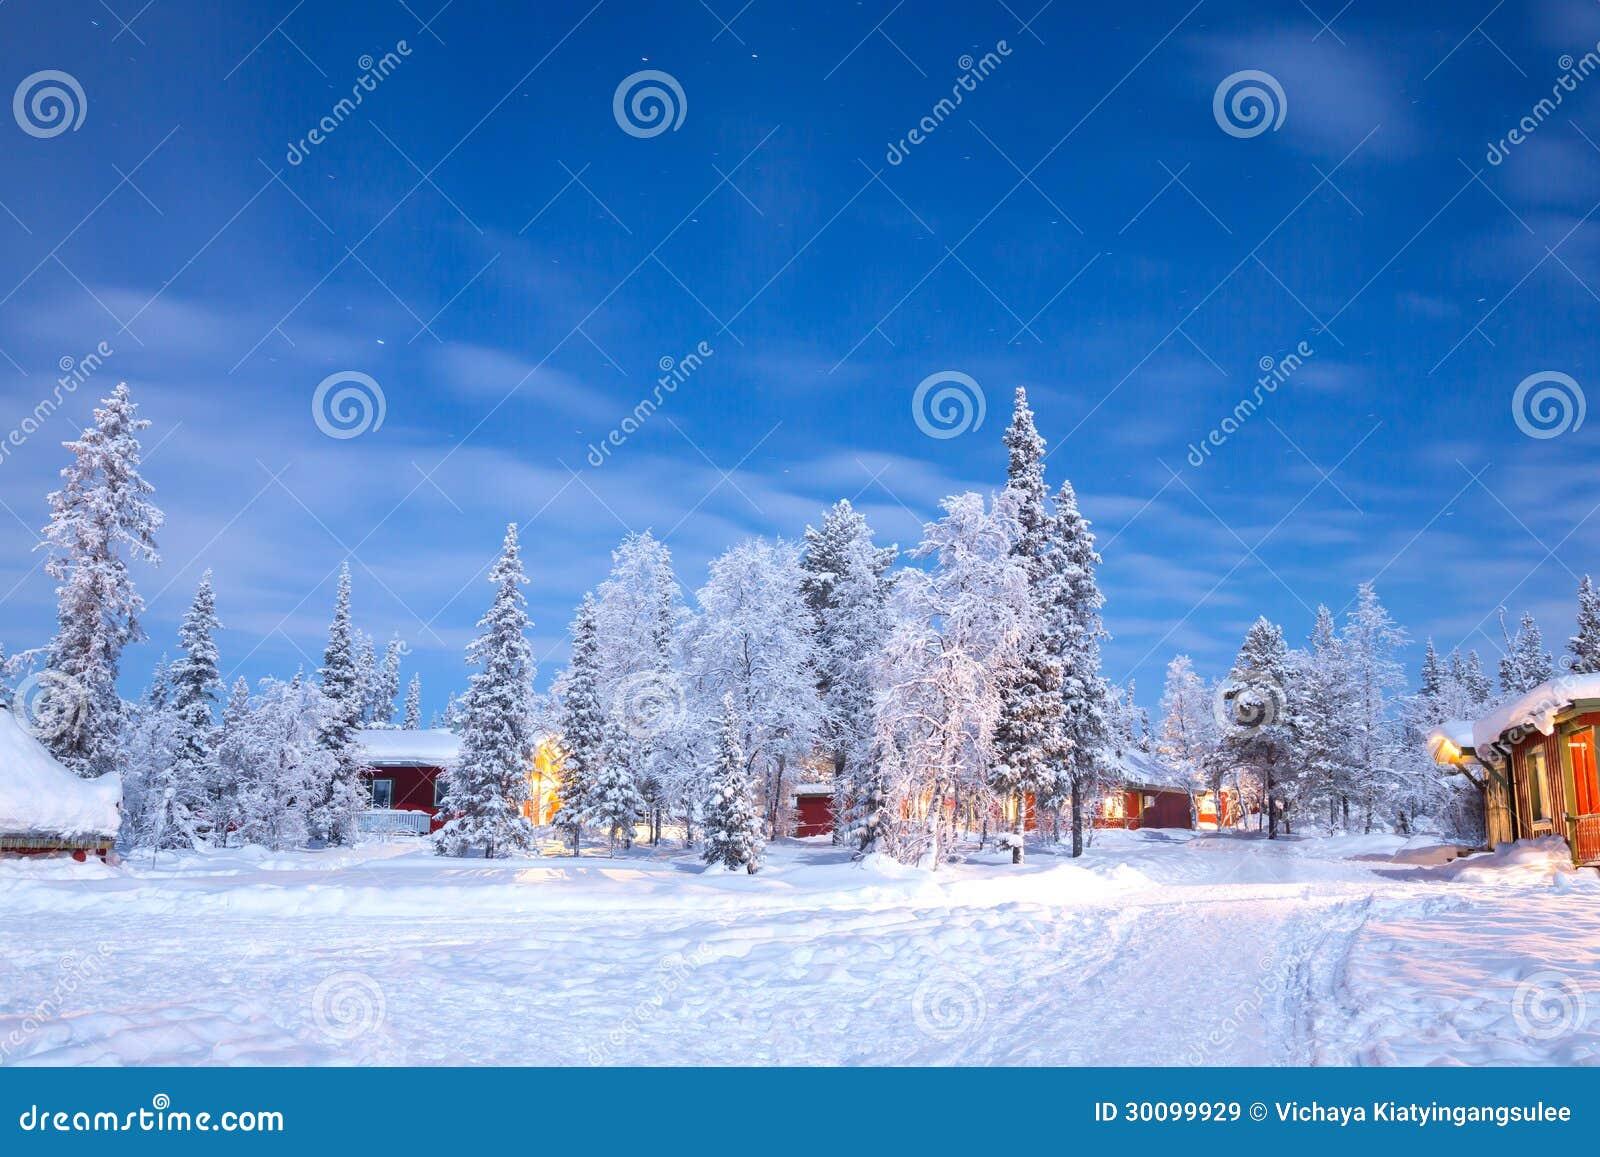 冬天风景瑞典拉普兰